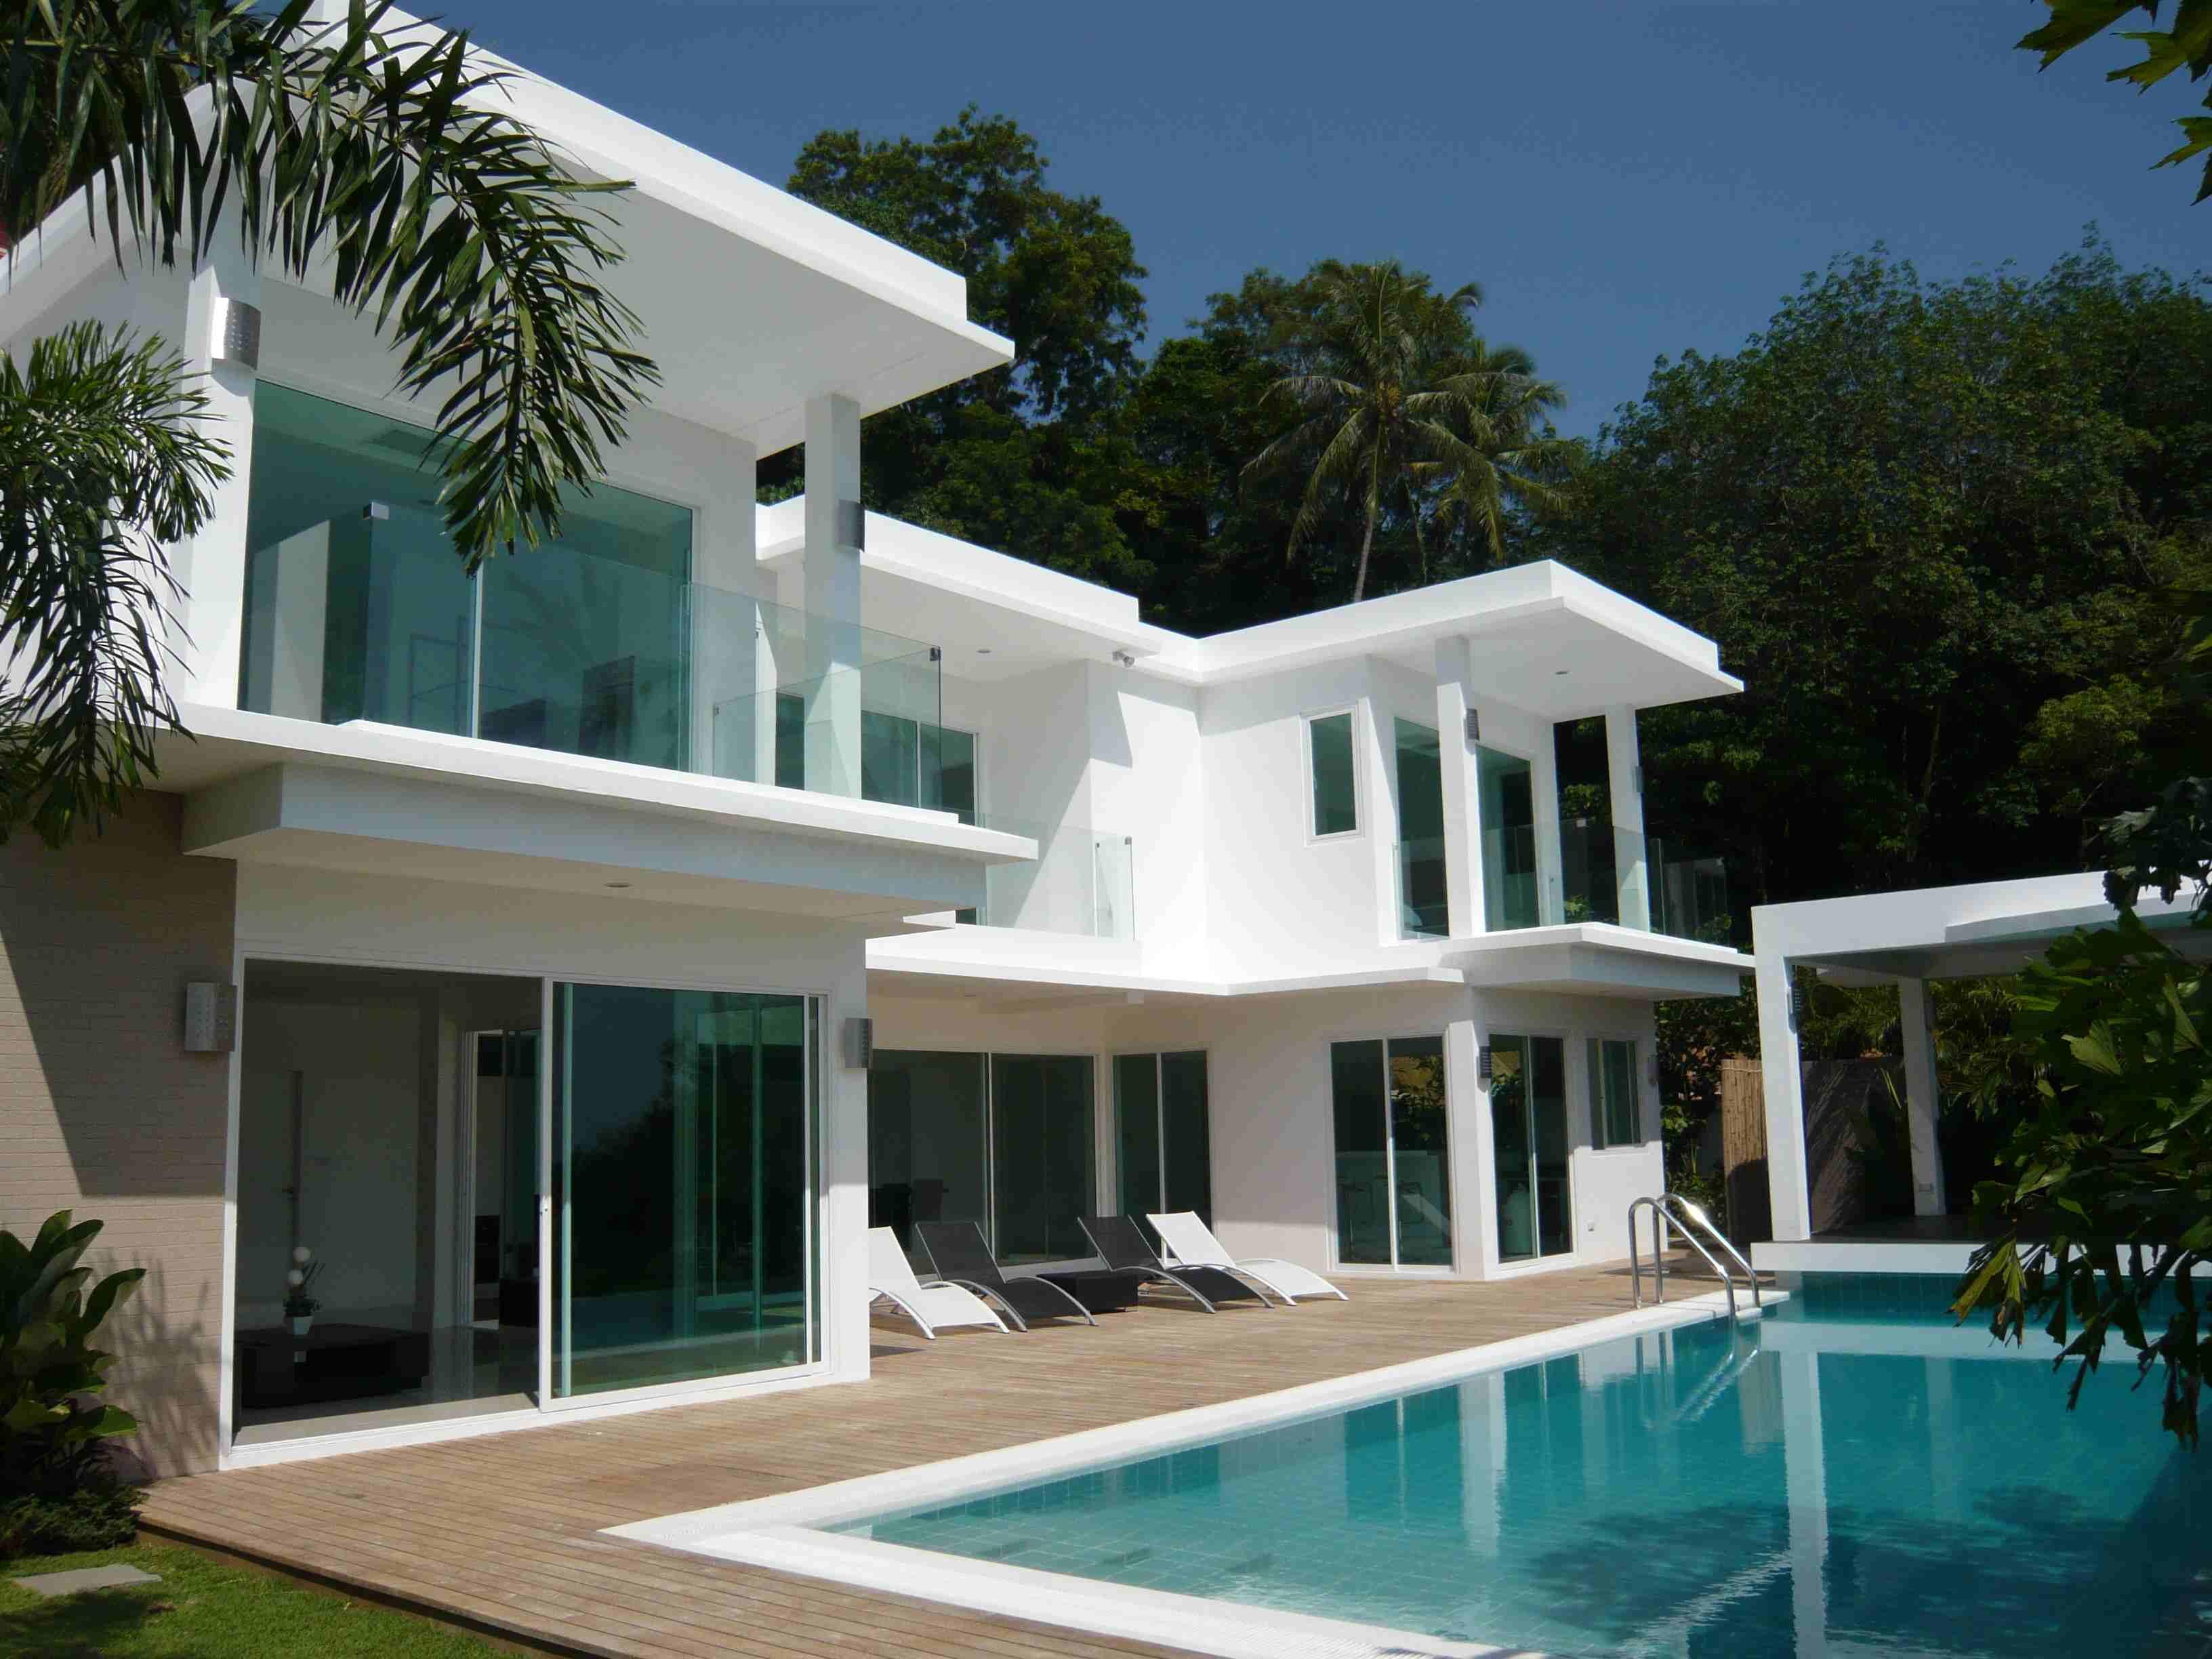 Maison Moderne A Louer